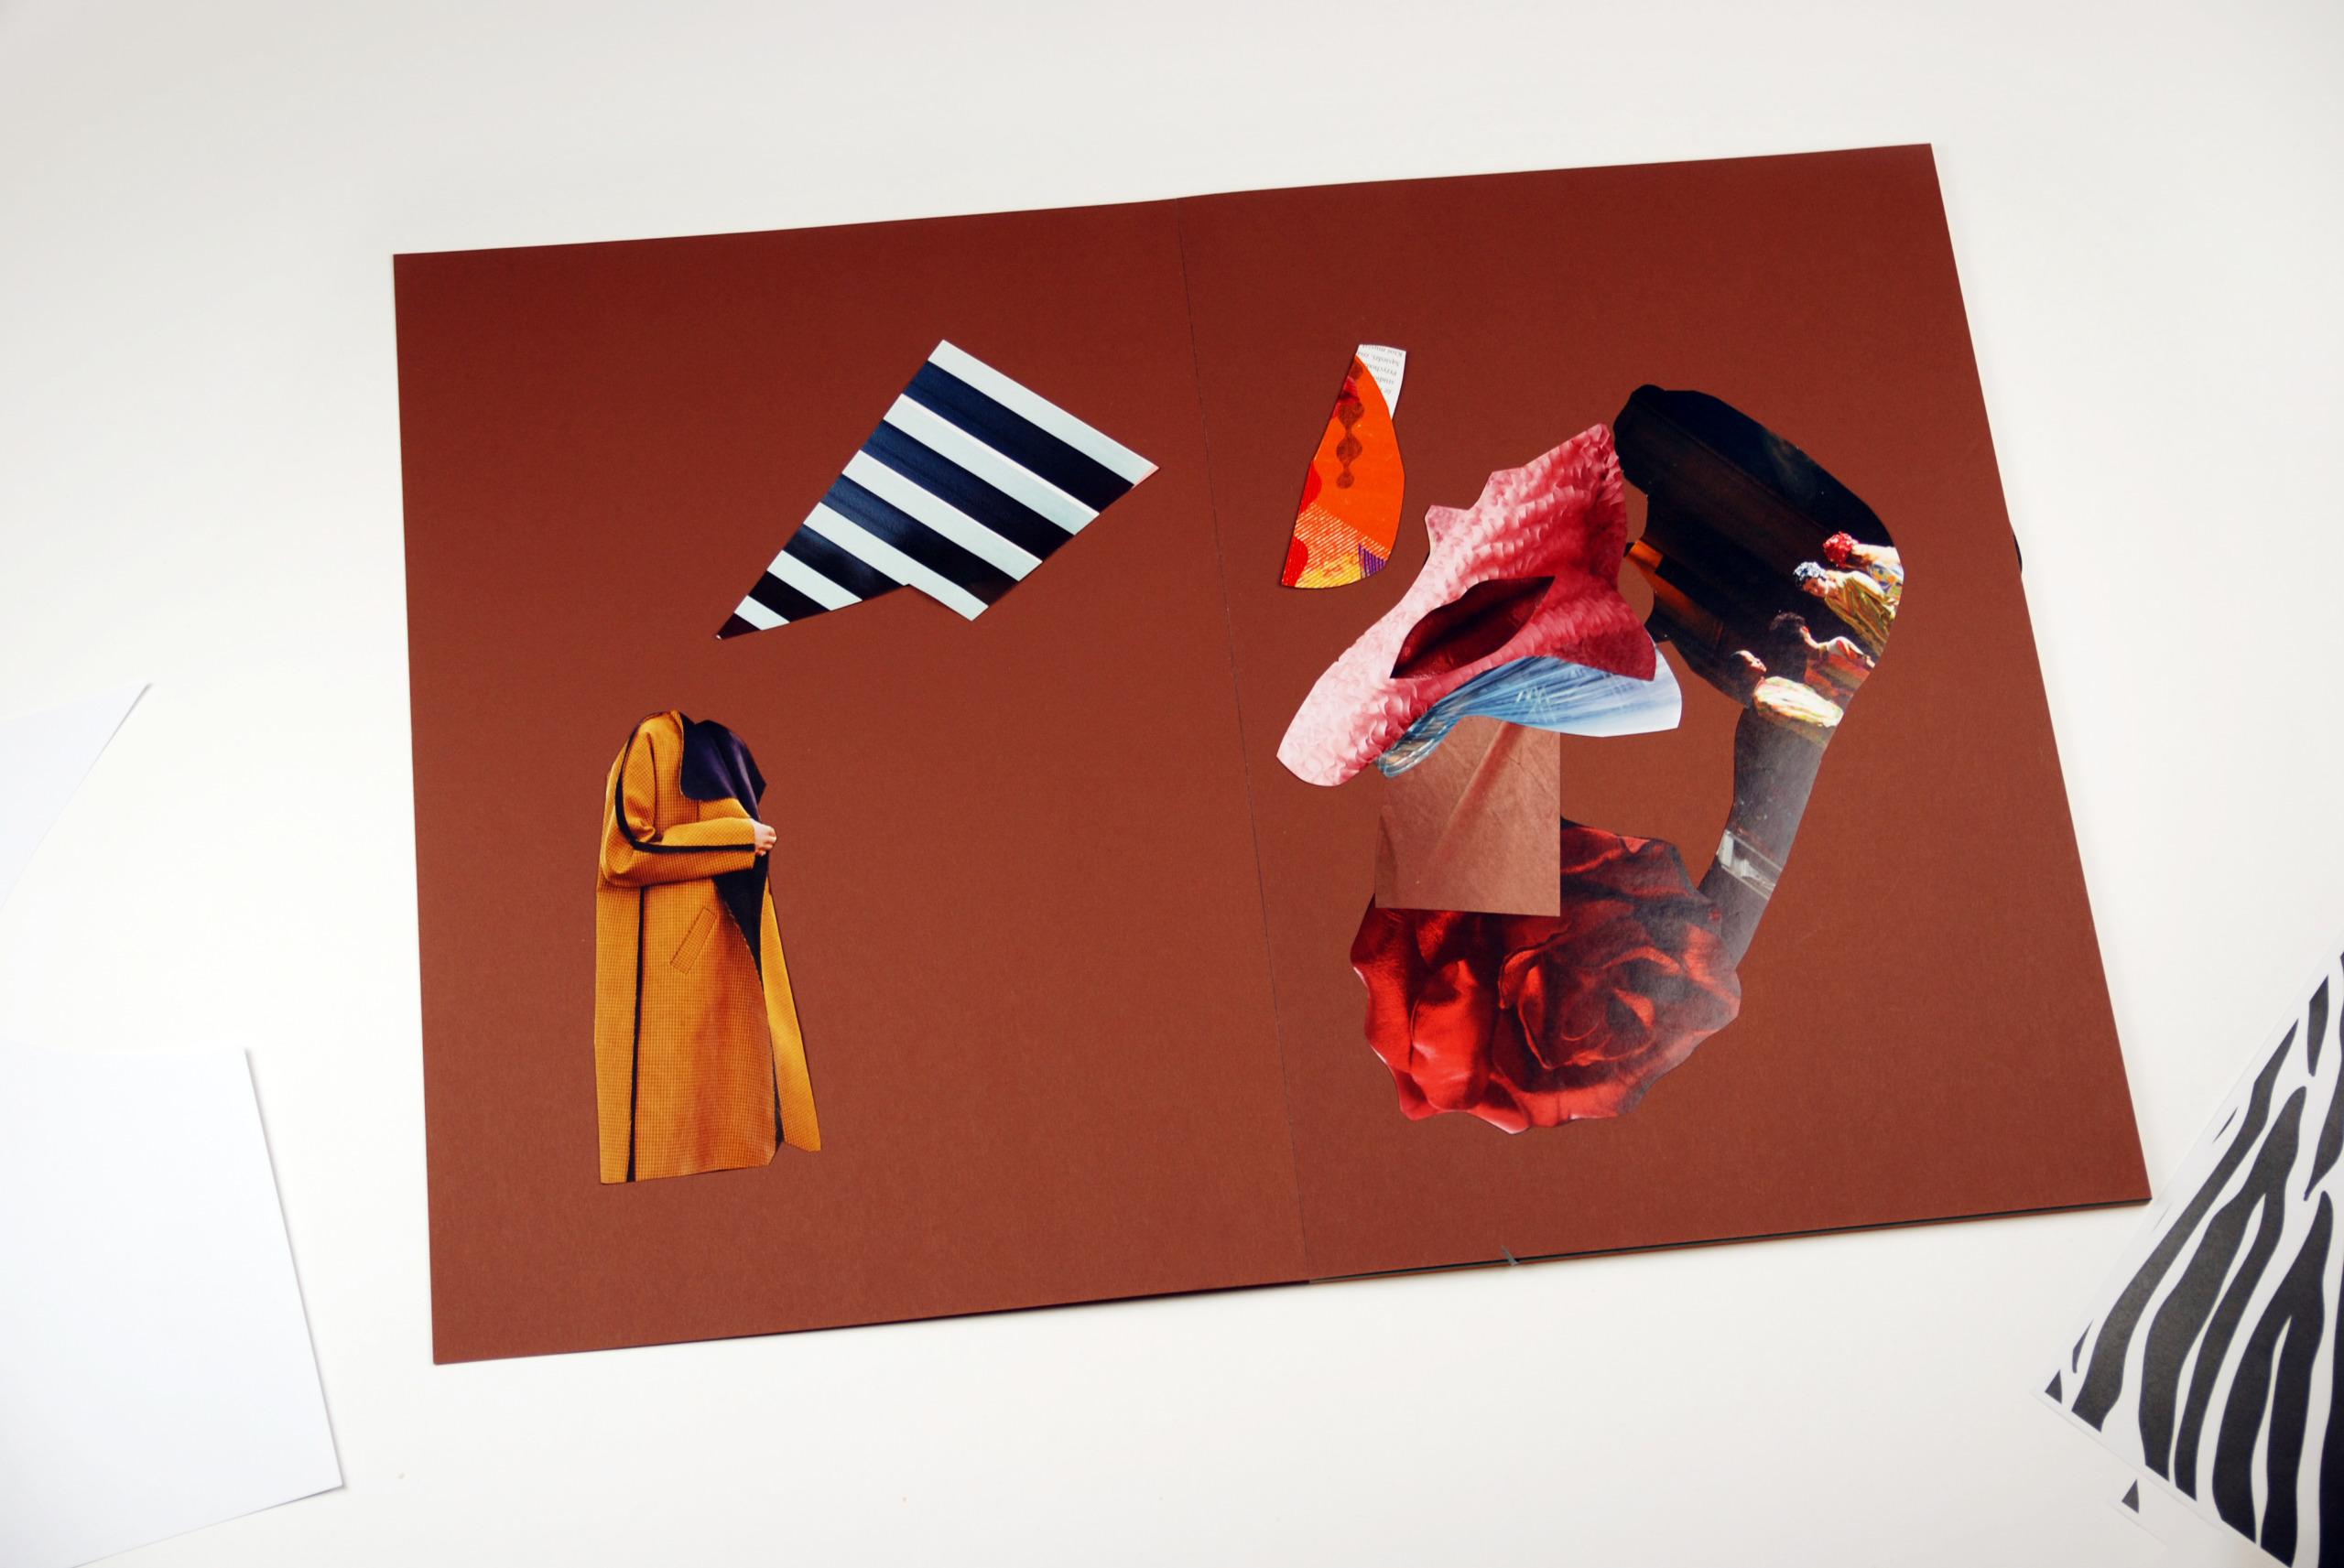 Zdjęcie przedstawia elementy powycinane z gazet położone na brązowym kartonie.